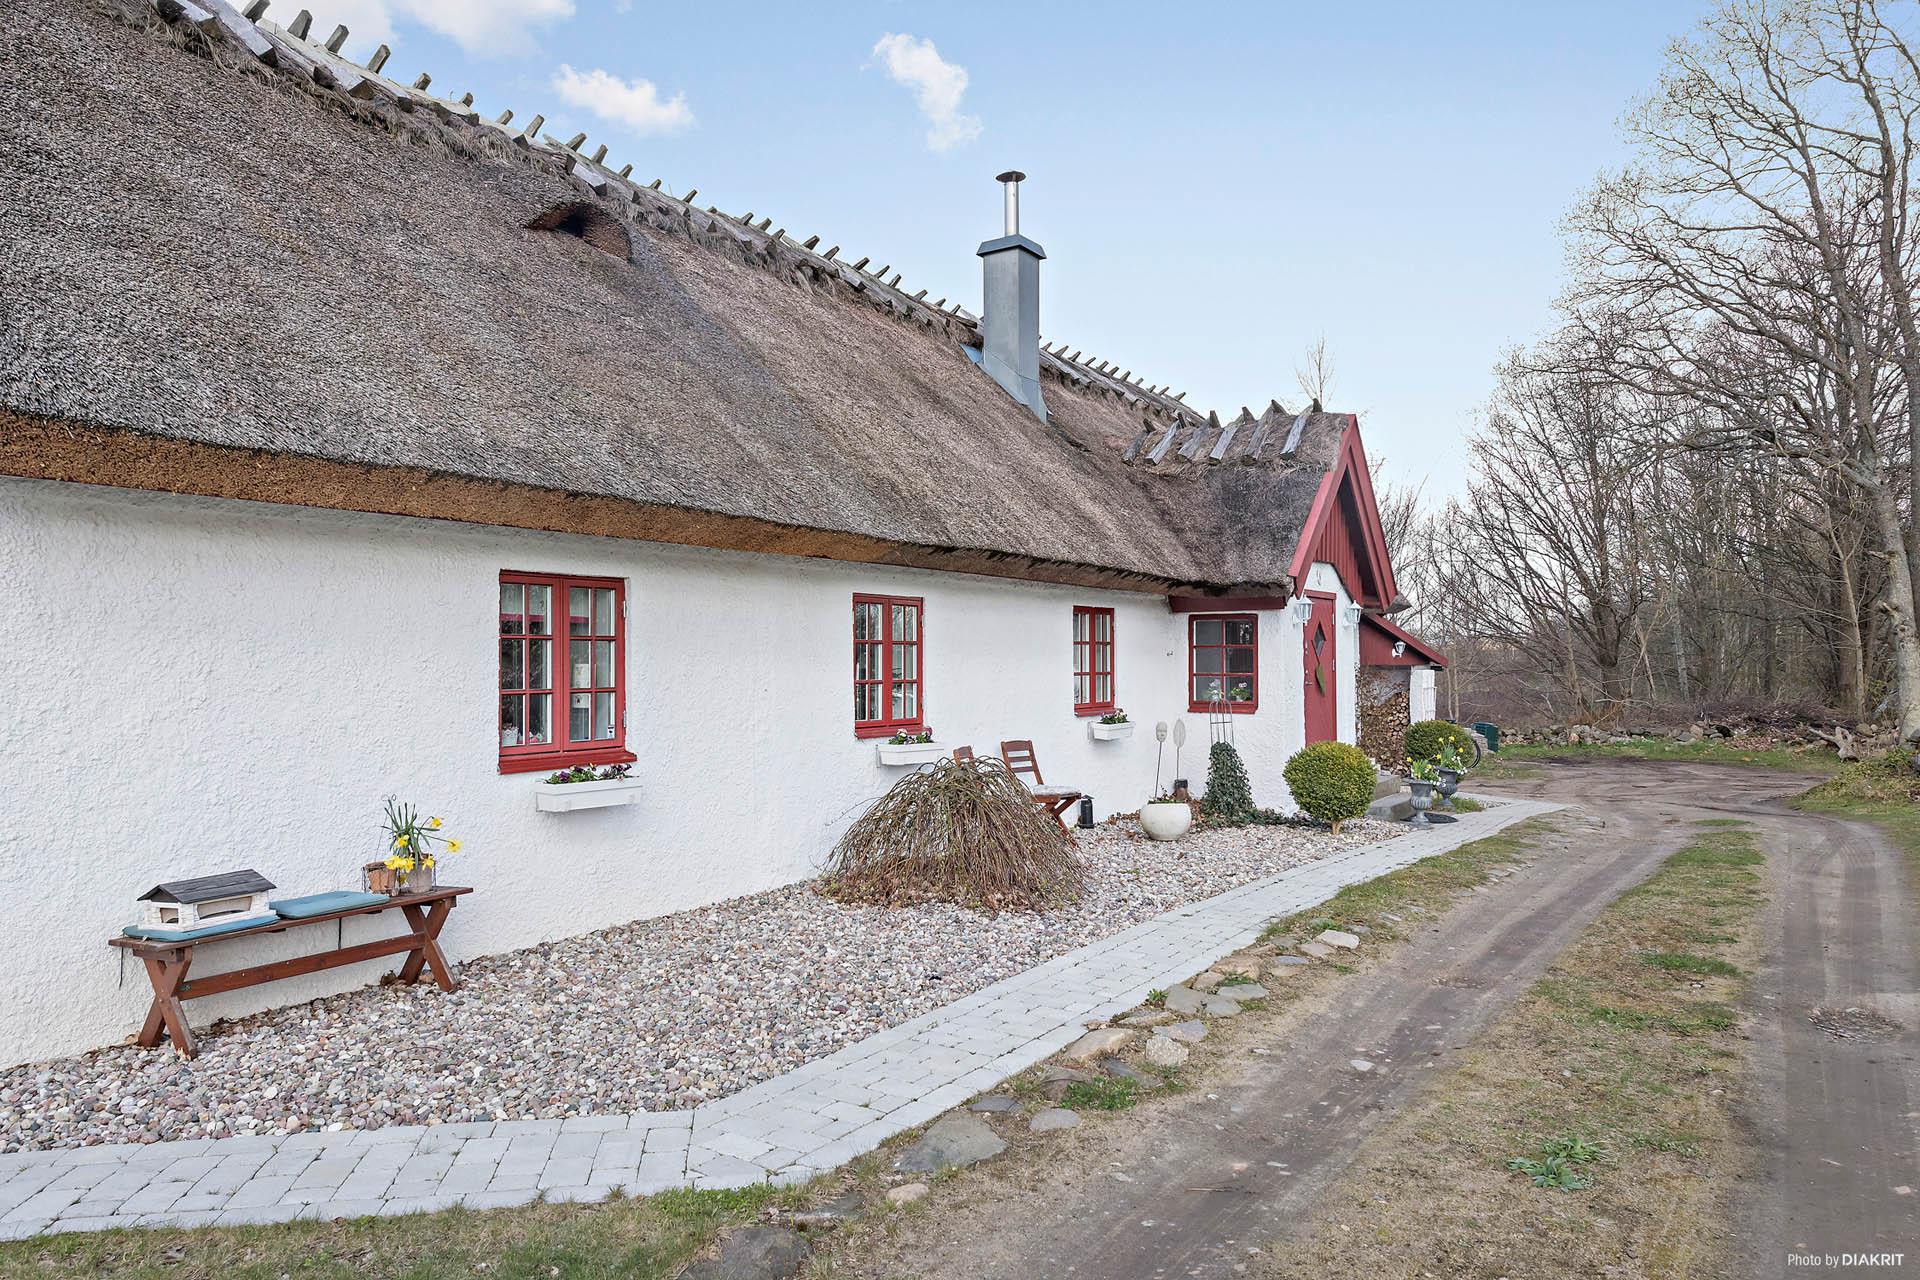 Vägen upp till huset, med plats för bilen. Huset är delvis tillbyggt i samma stil som den äldre delen, skickliga hantverkare har gjort ett gott jobb!